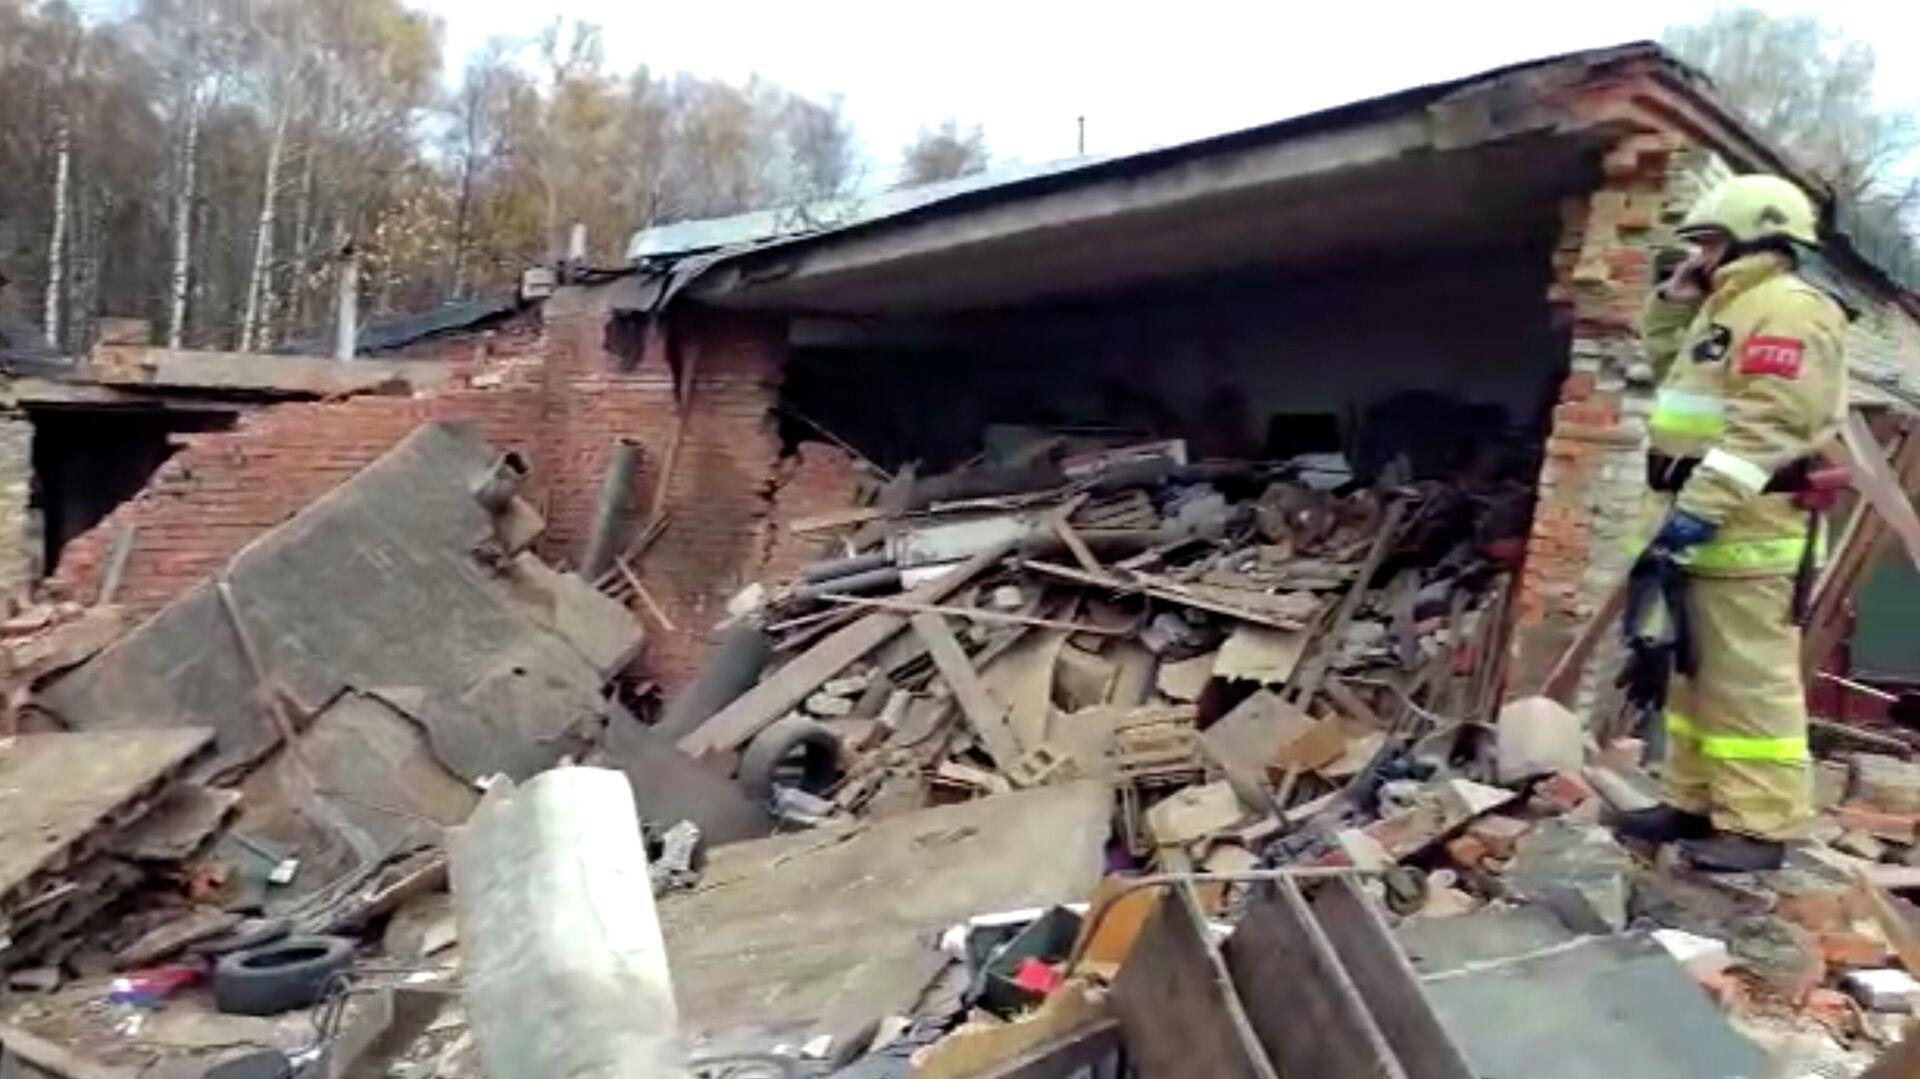 На месте взрыва в гаражном кооперативе в Мытищах - РИА Новости, 1920, 01.11.2020